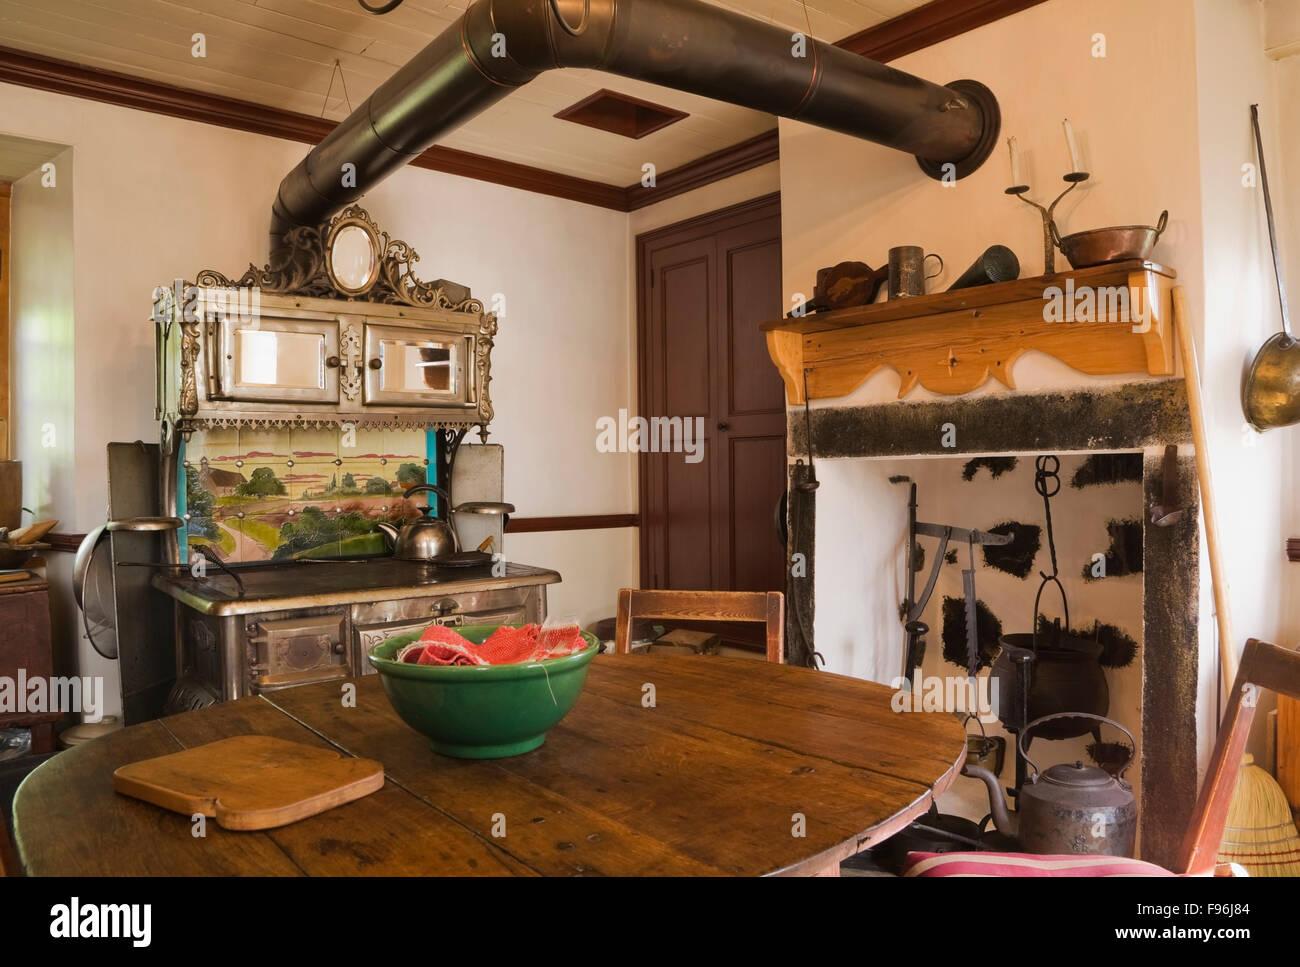 Tavoli Da Pranzo Antichi : Camera con cucina con mobili antichi di ghisa chapleau stufa e